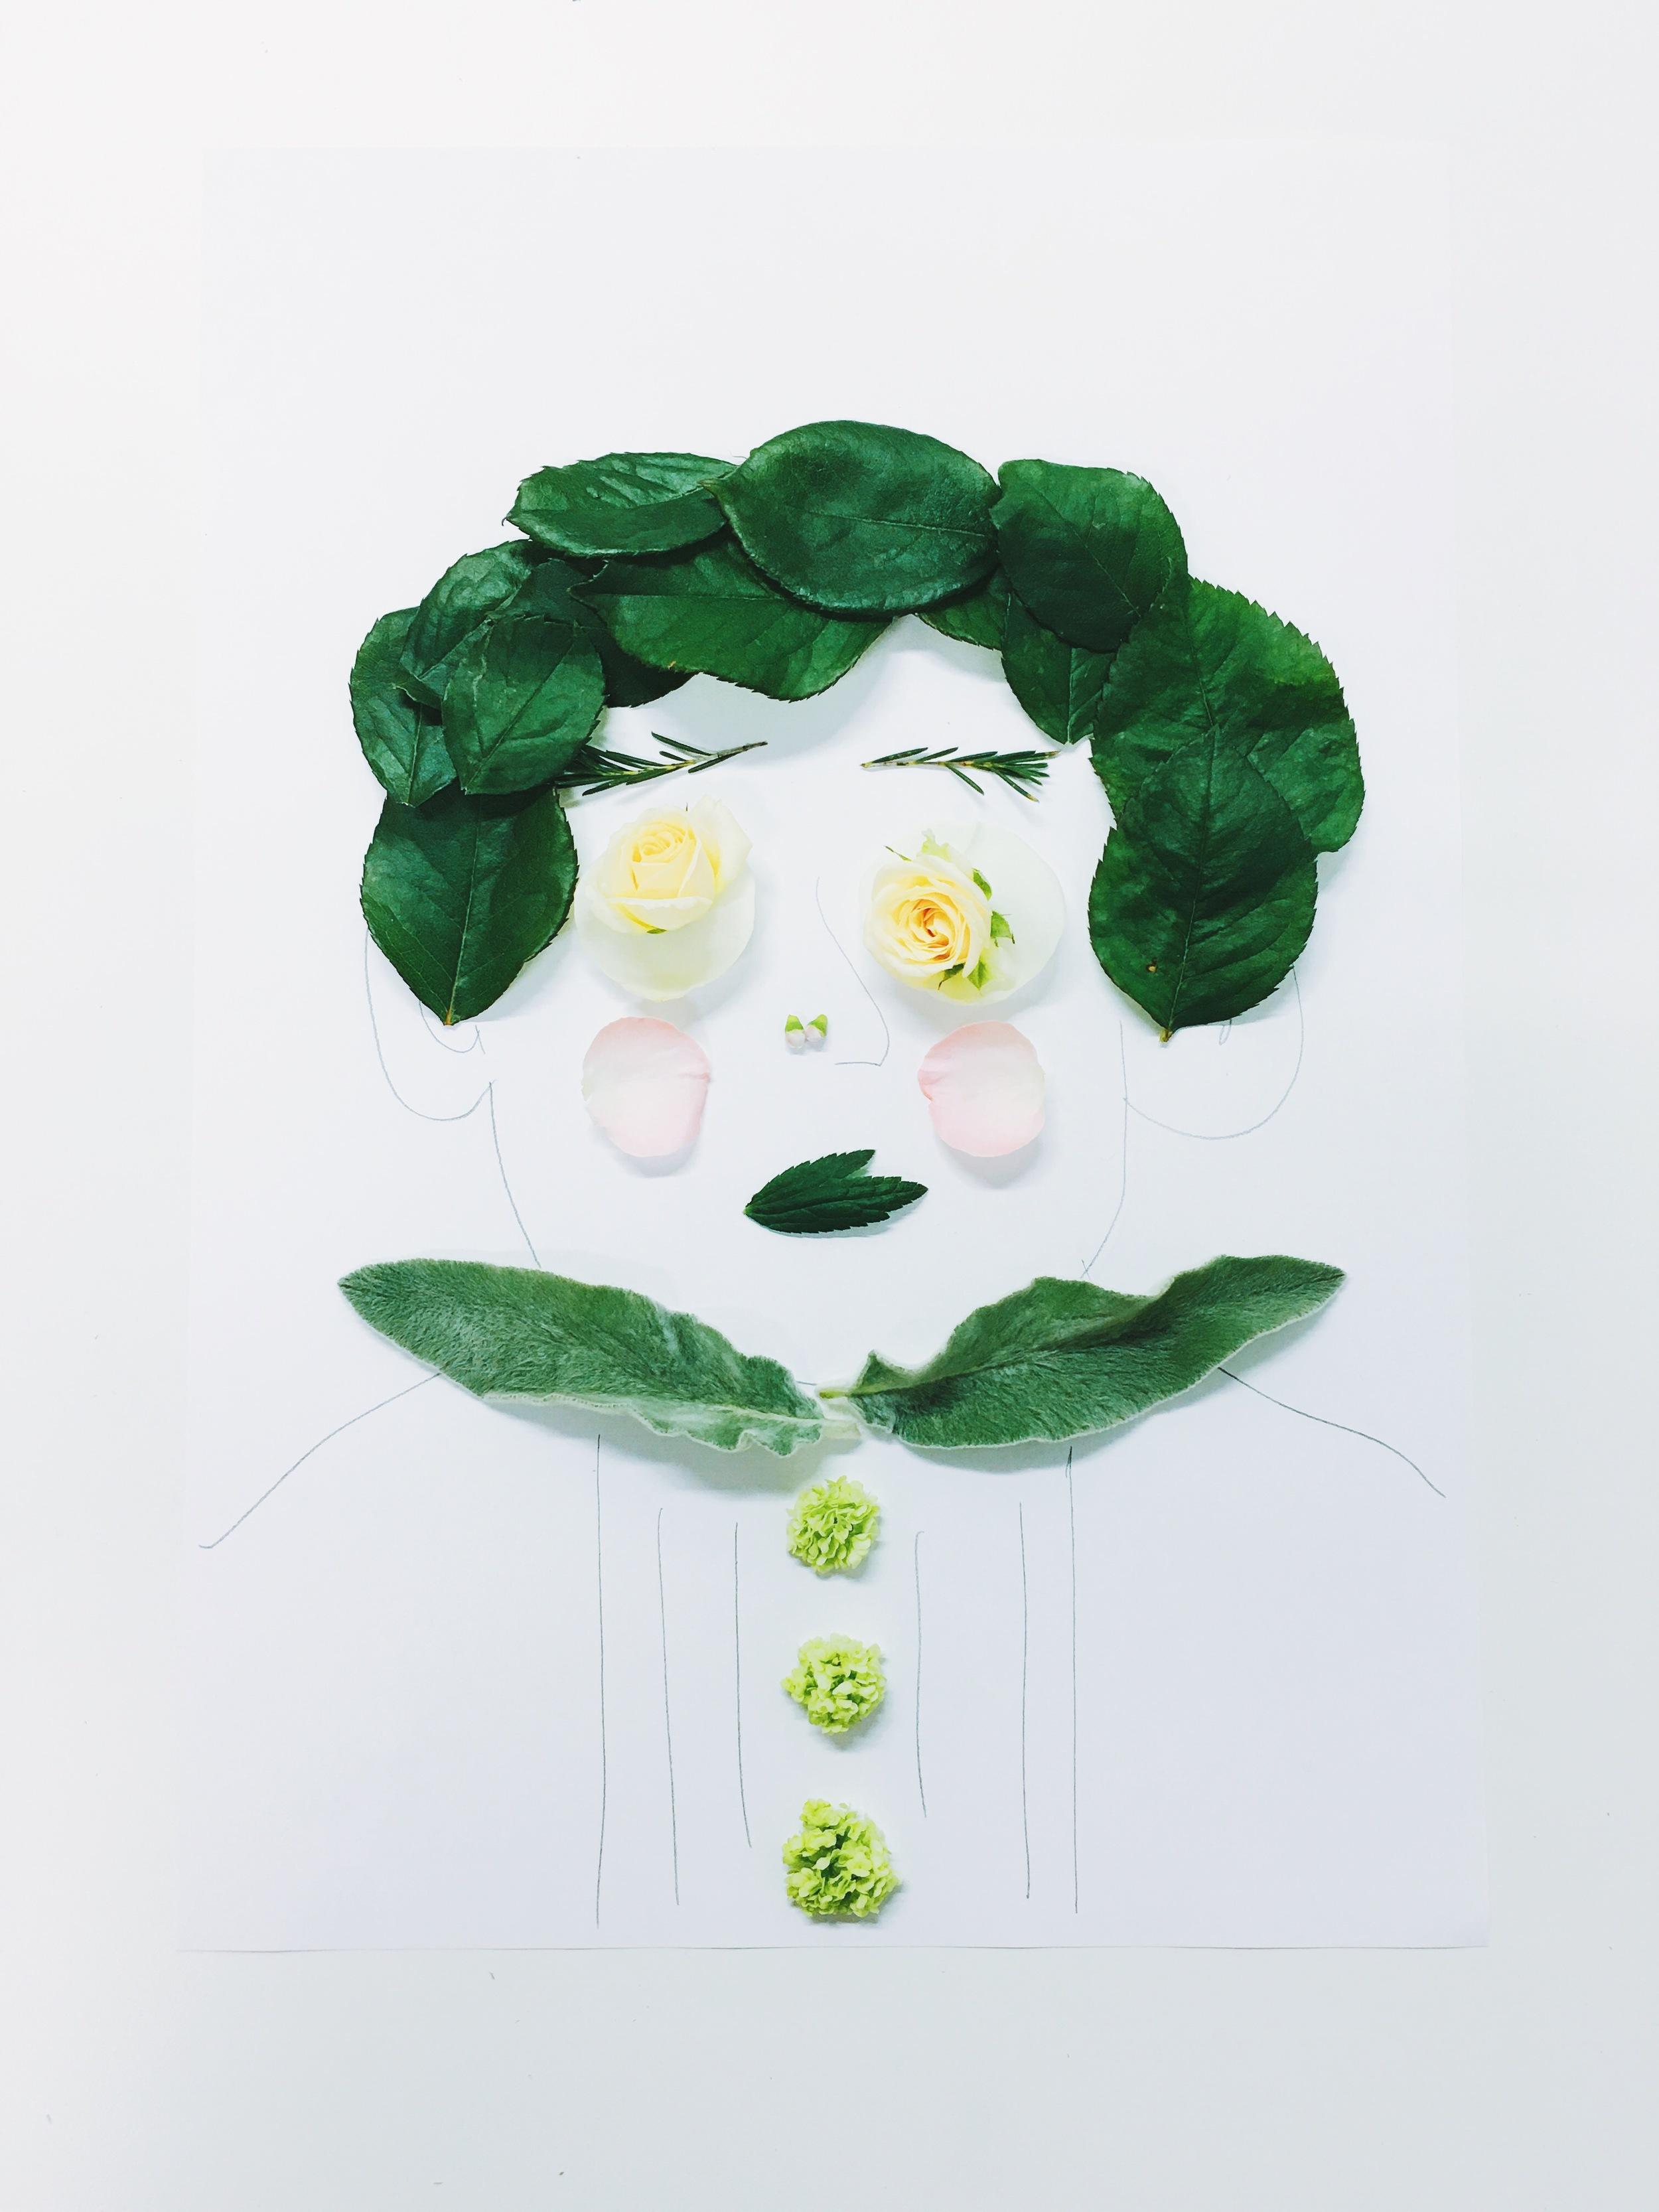 Cindy Lin Flower Drawings